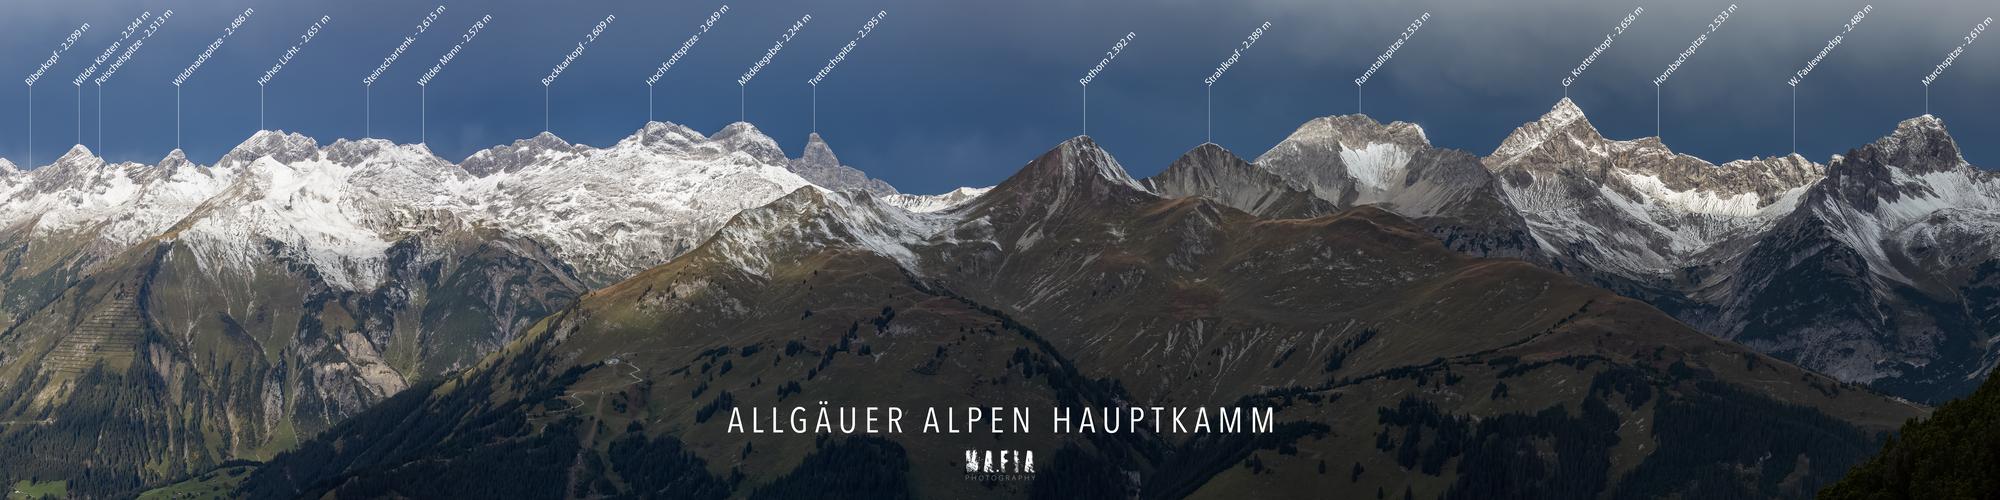 Allgäuer Alpen Hauptkamm Panorama